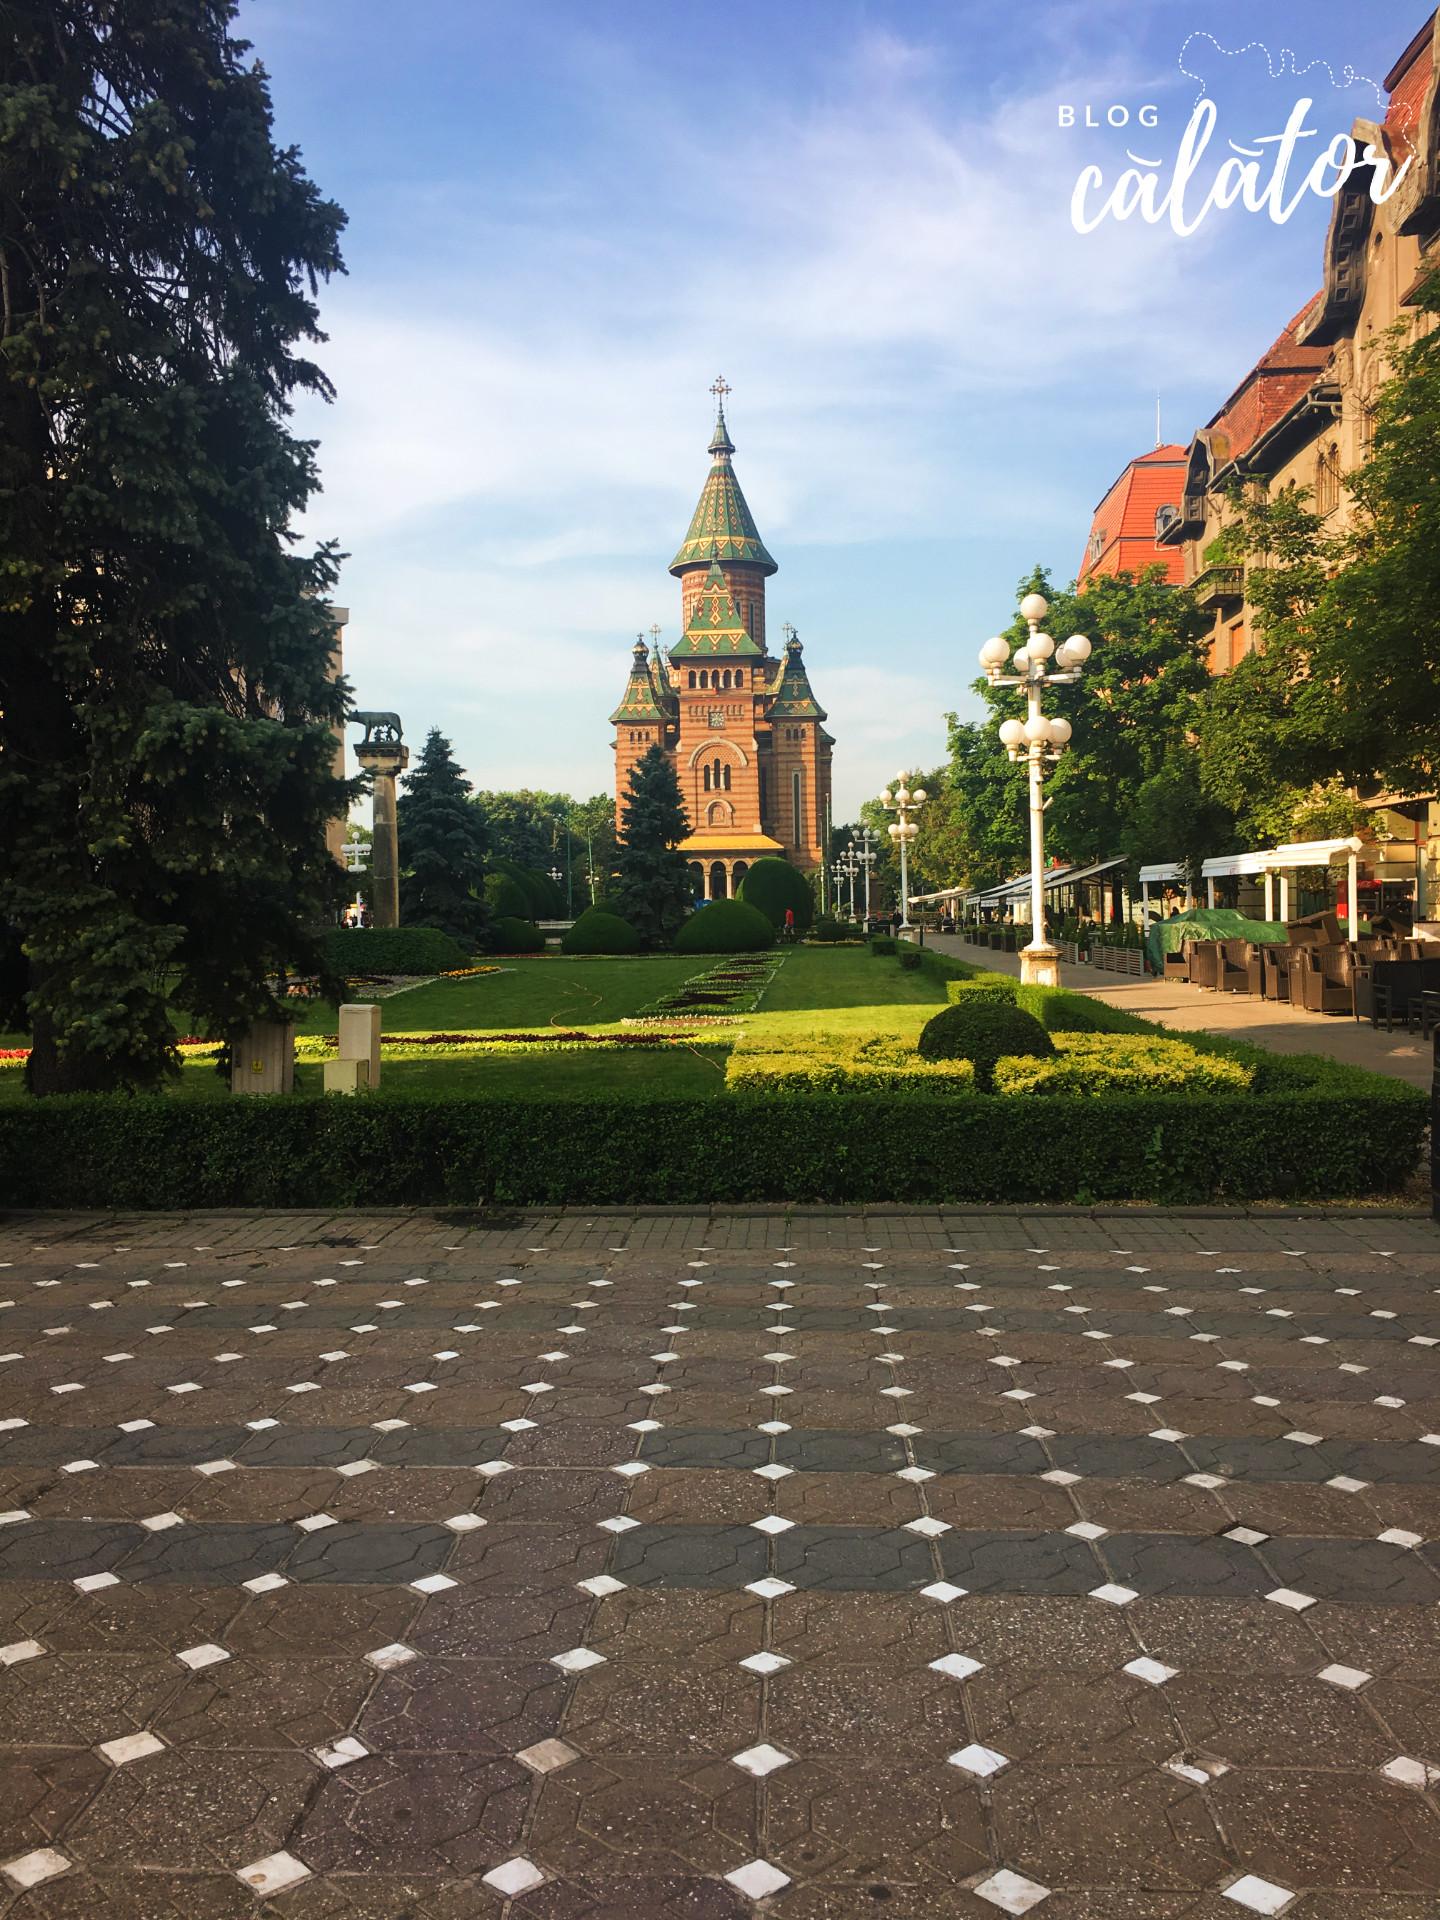 TOP 5 orașe din România în care aș locui - Blog Calator